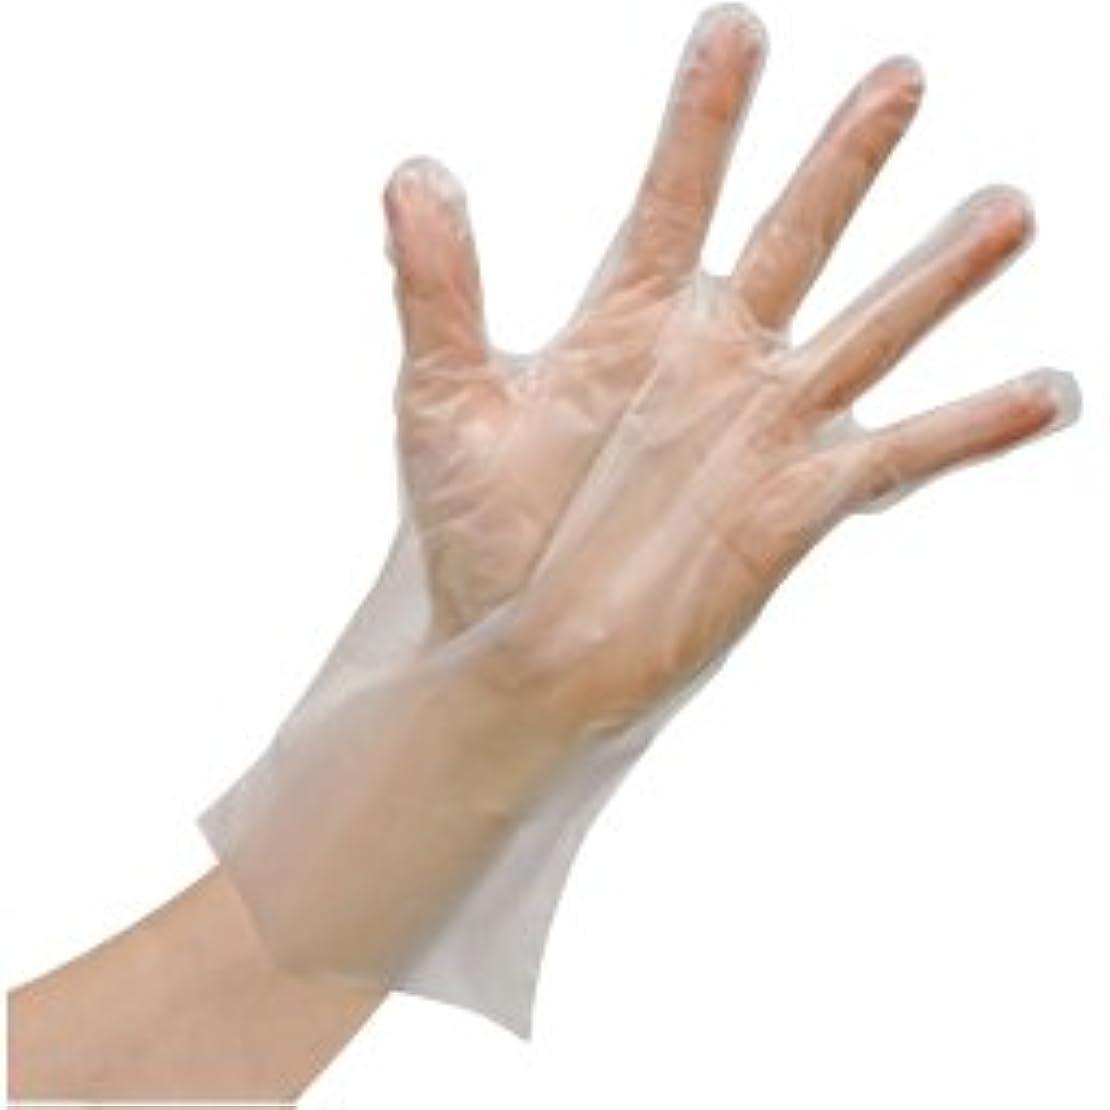 モンク北チェリー使いきりLDポリエチレン手袋(箱) FR-5813(L)100???? ?????LD????????(??)(24-6743-02)【ファーストレイト】[60箱単位]